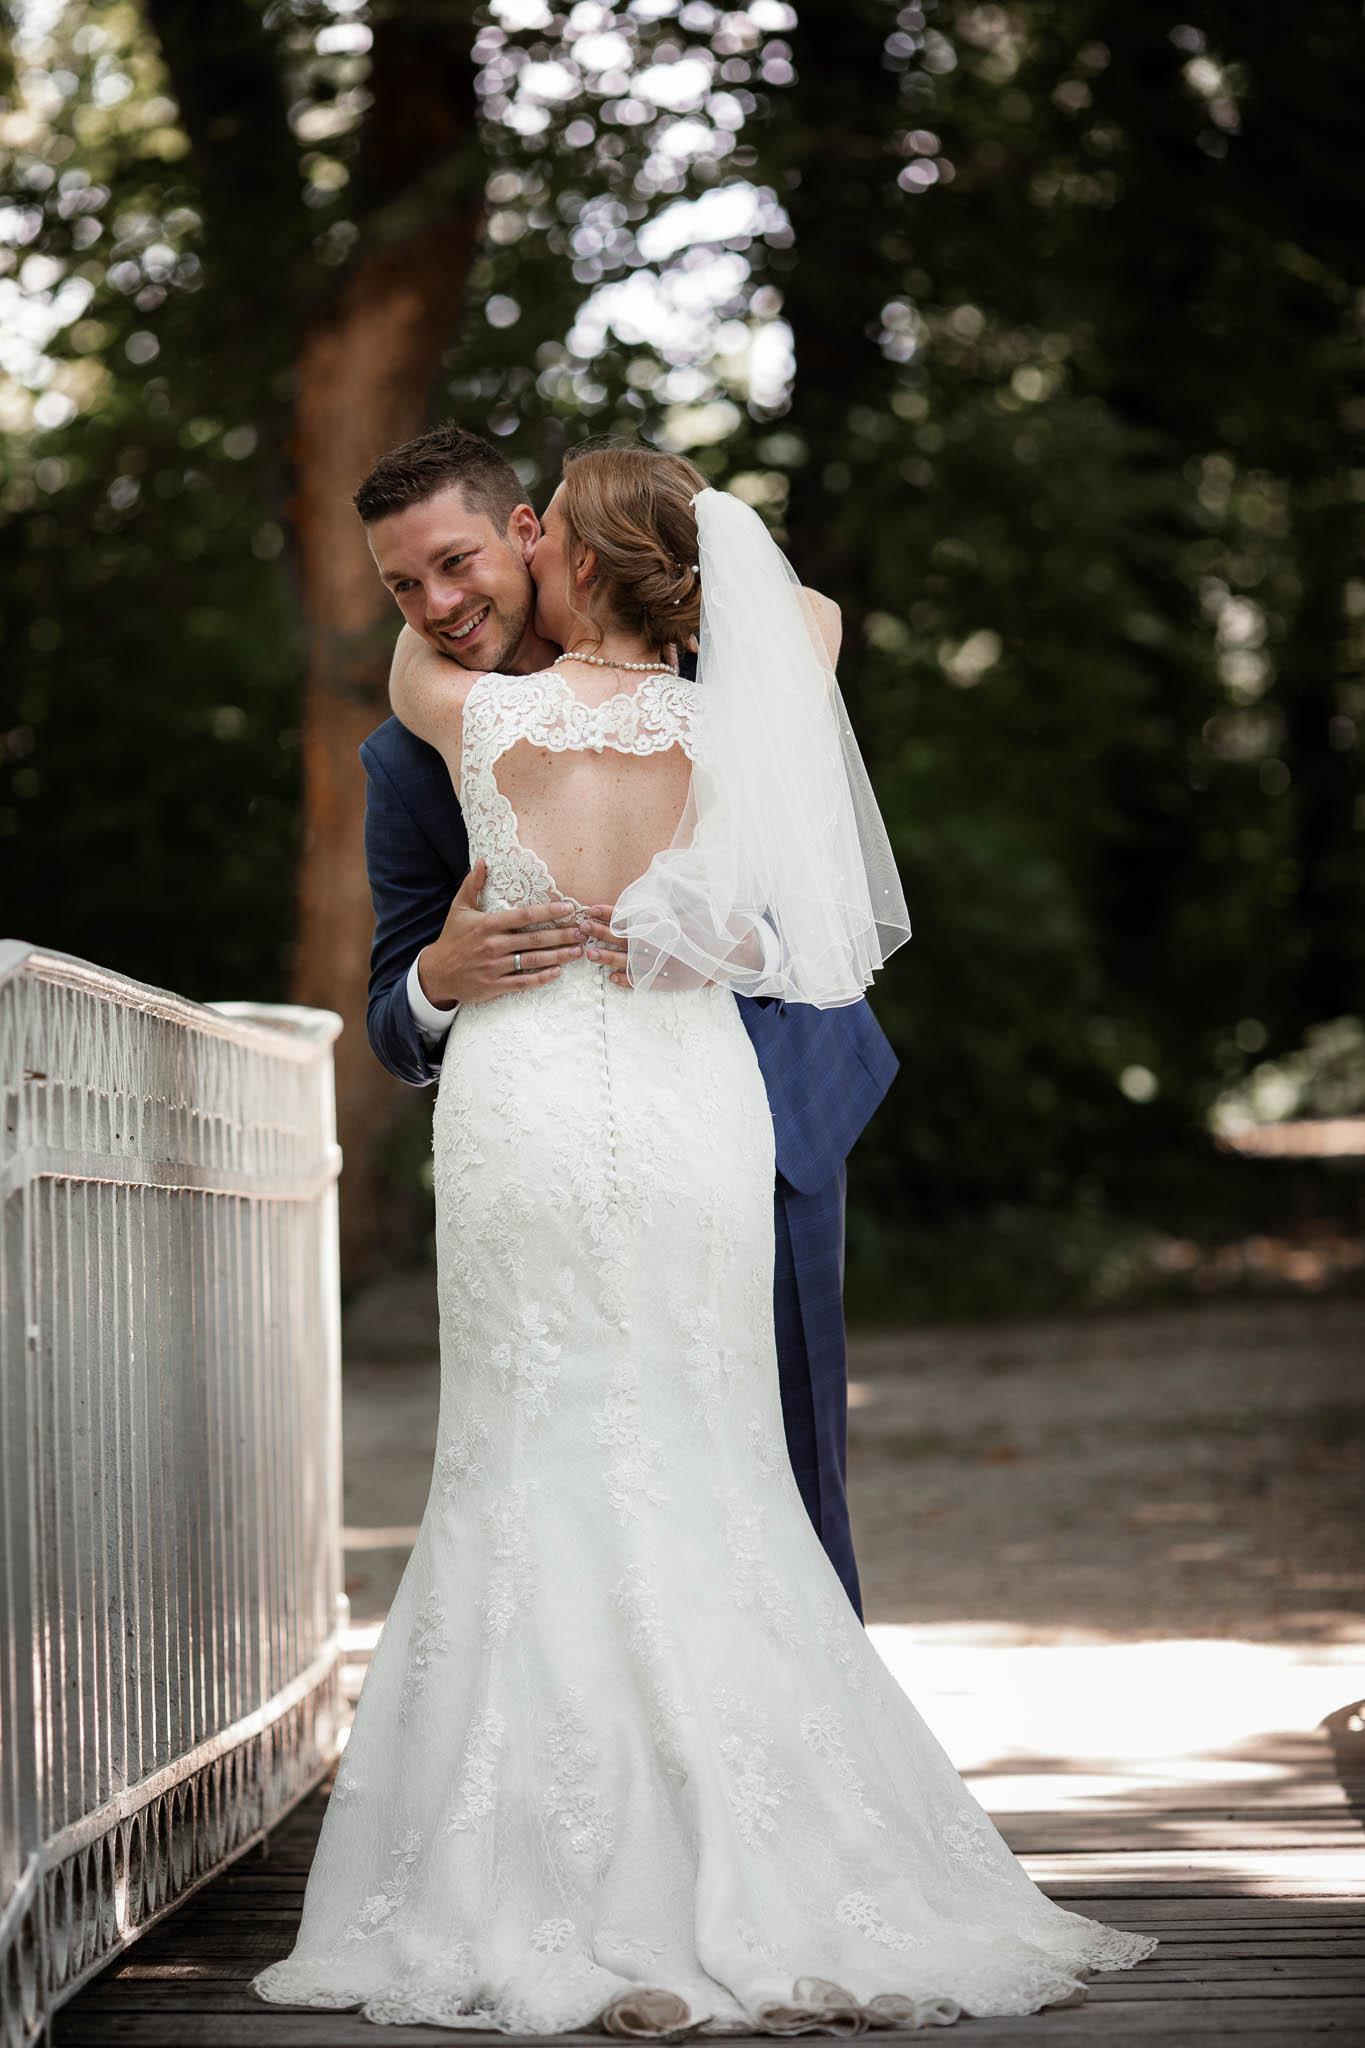 Hochzeitsfotograf Gundheim 10